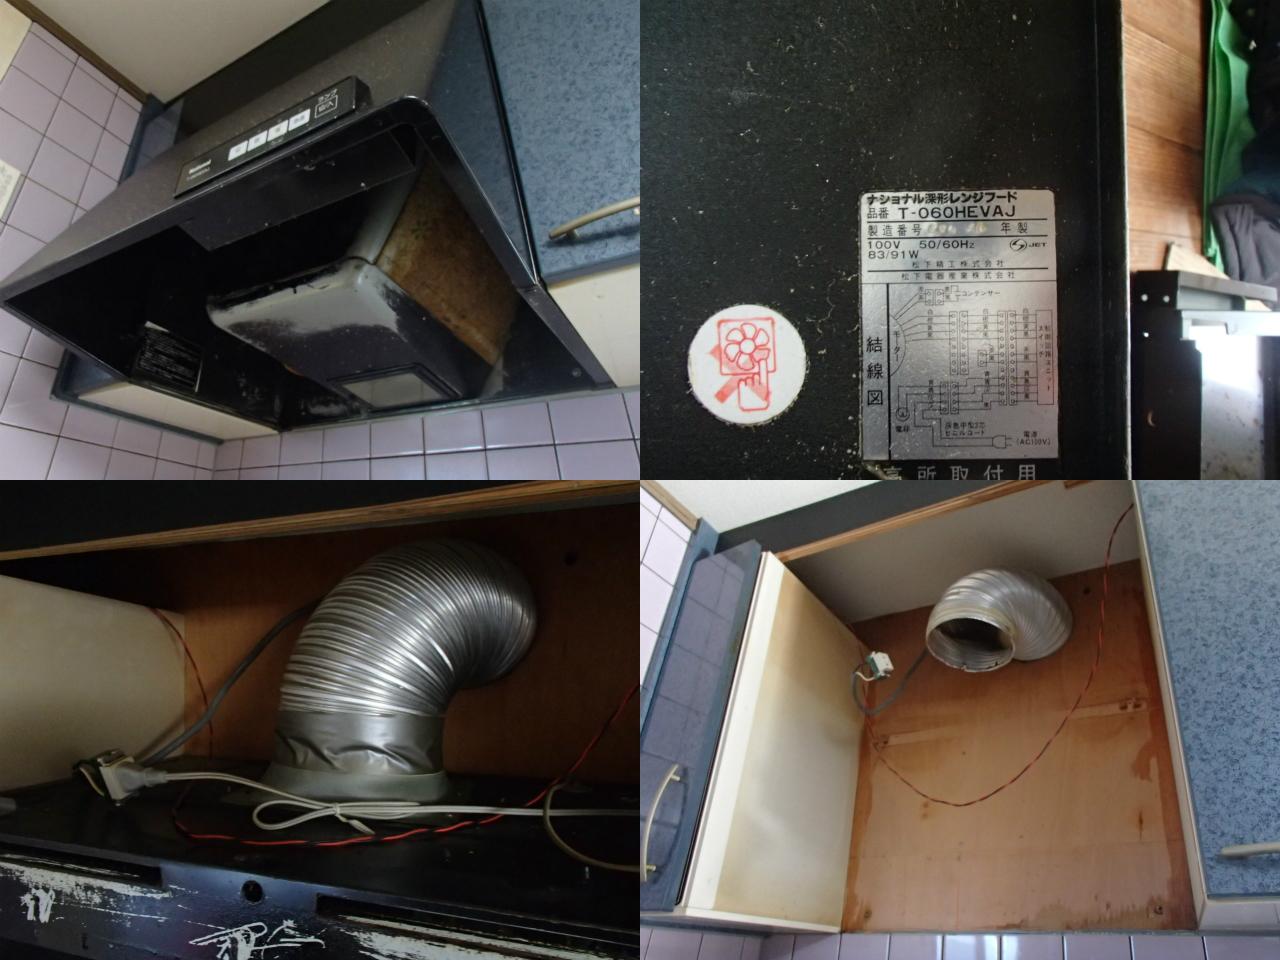 http://ajras.net/images/121220-koukan1.jpg